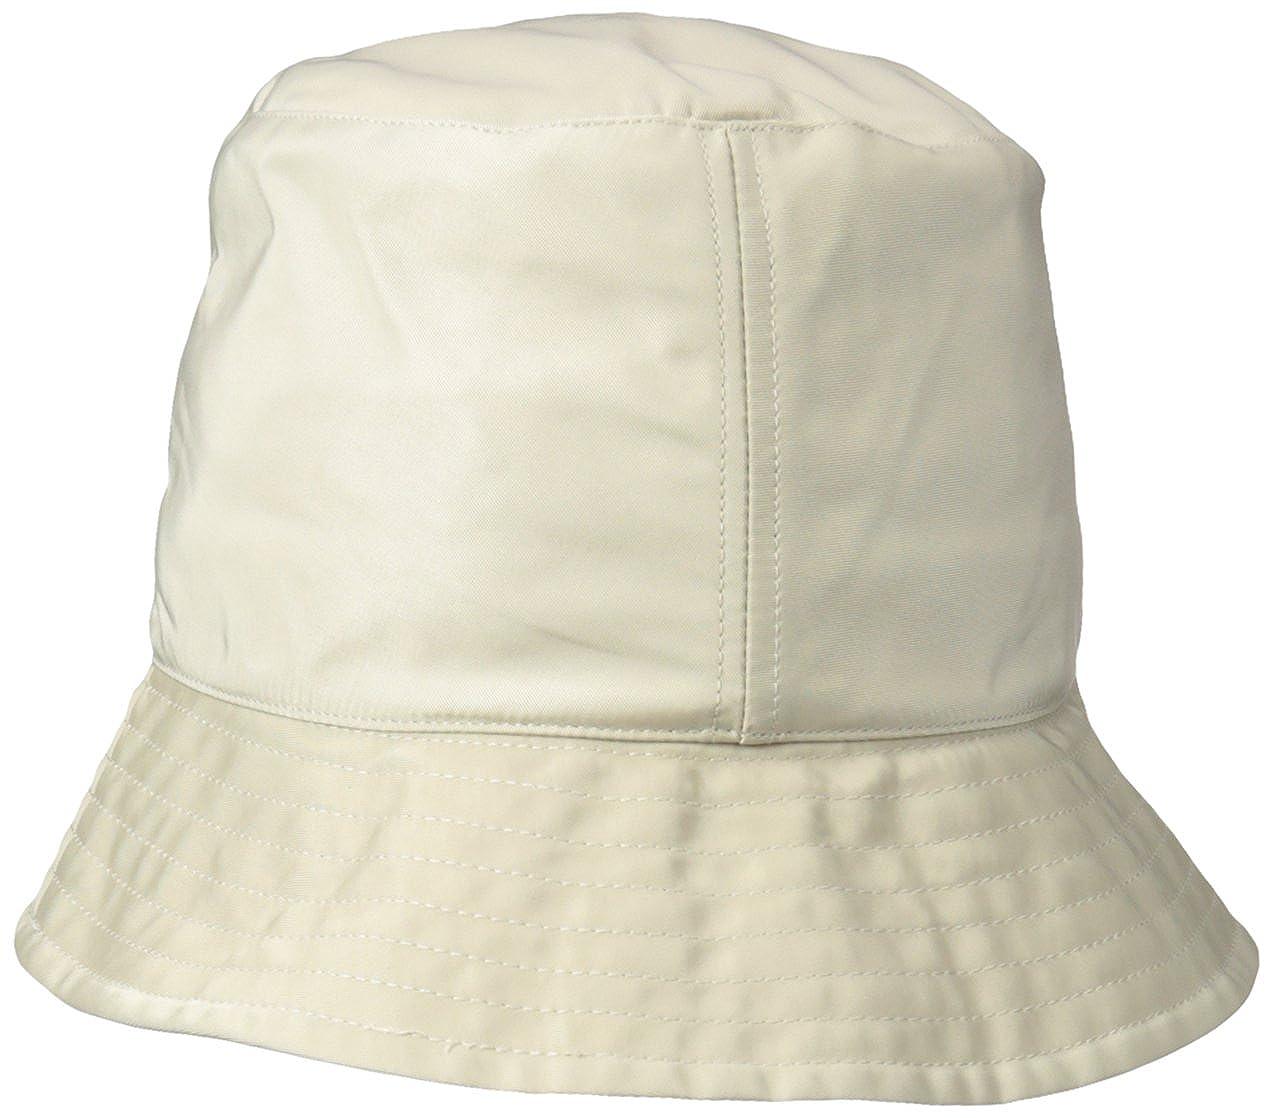 6bfd2c2e8f5 Nine West Women s Nylon Bucket Rain Hat